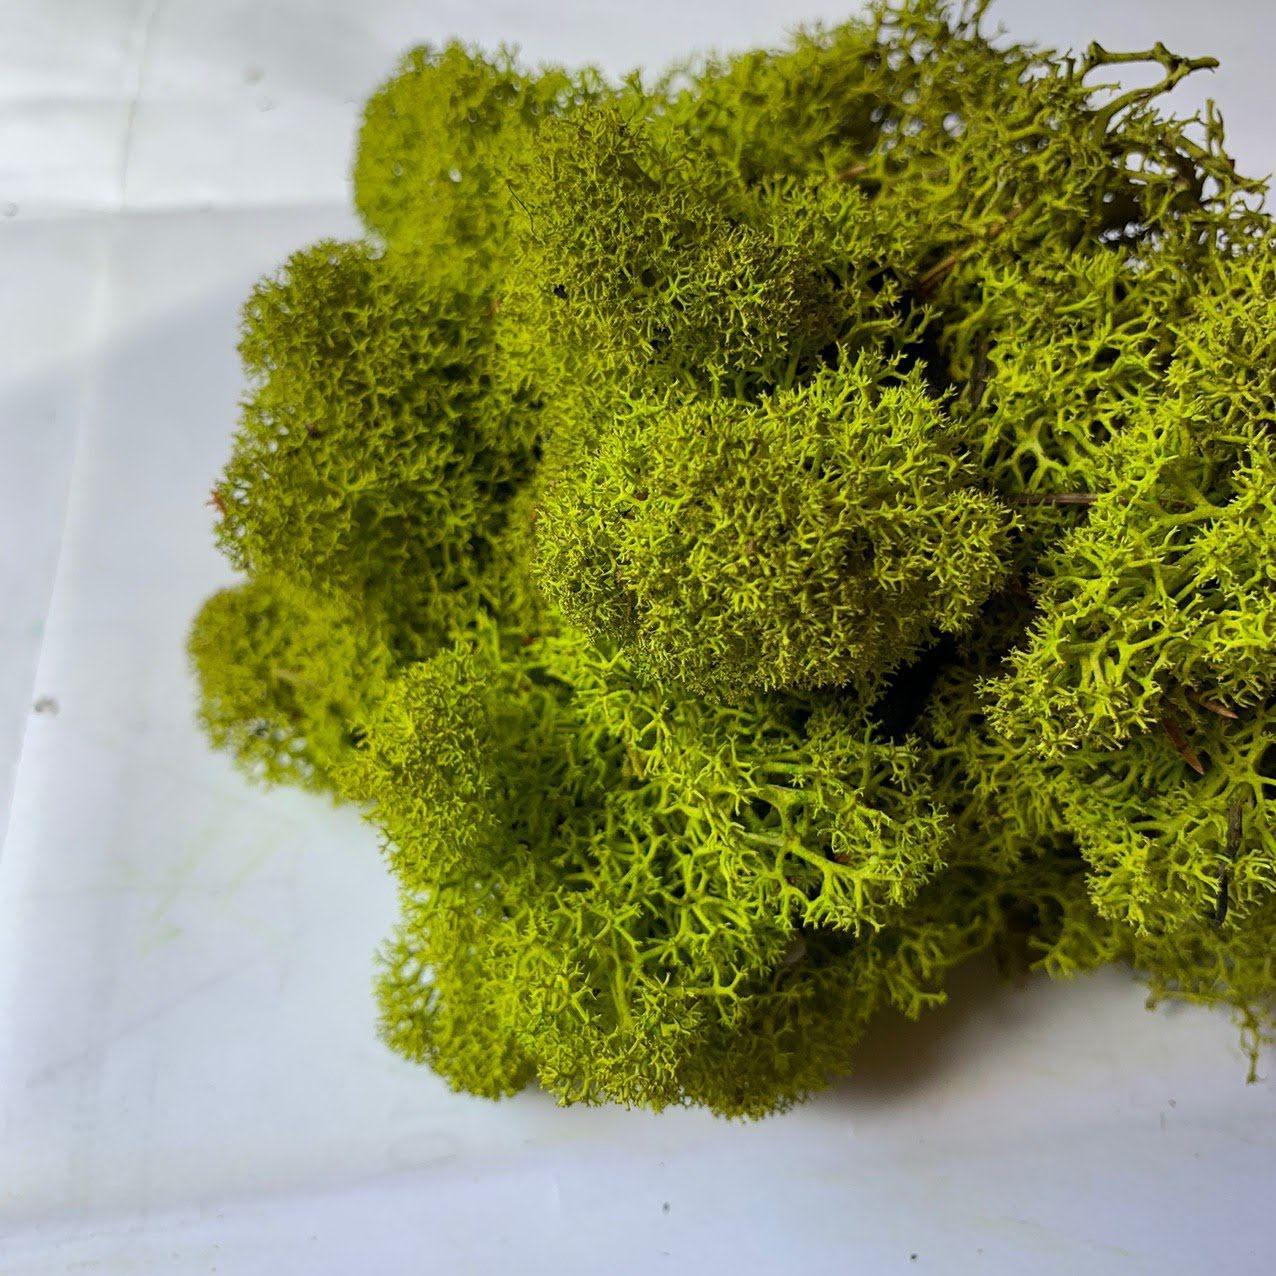 Очищений стабилизированный мох Green Ecco Moss скандинавский мох ягель Medium 1 кг